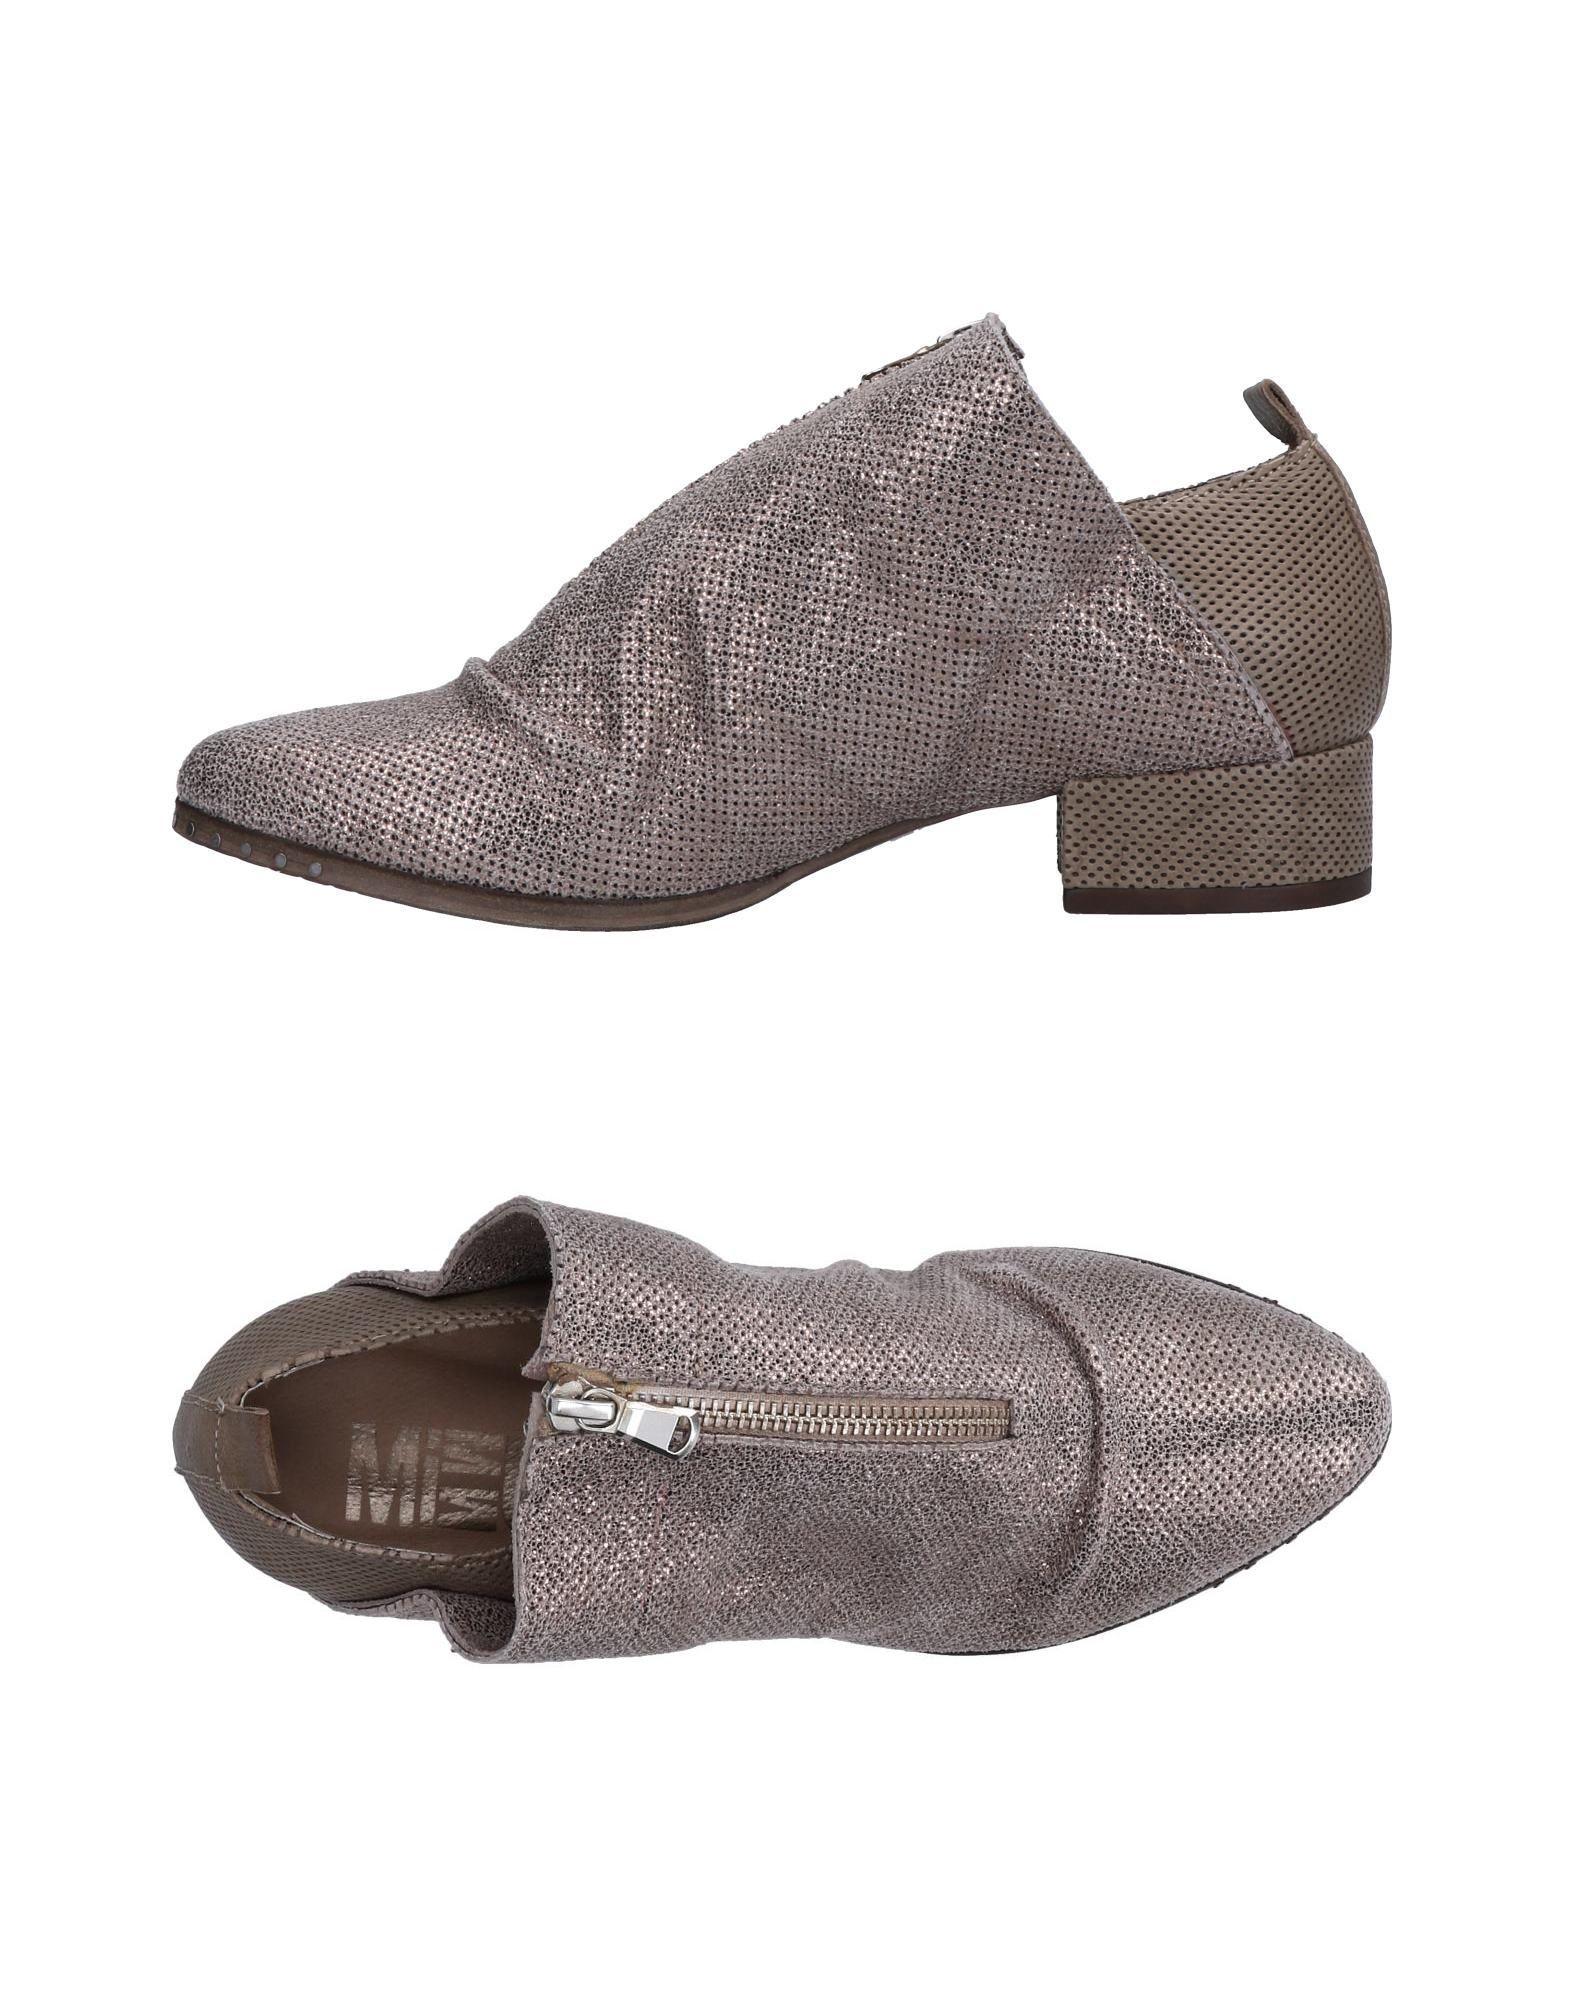 Mimmu Gute Mokassins Damen  11518517IL Gute Mimmu Qualität beliebte Schuhe 6b0384